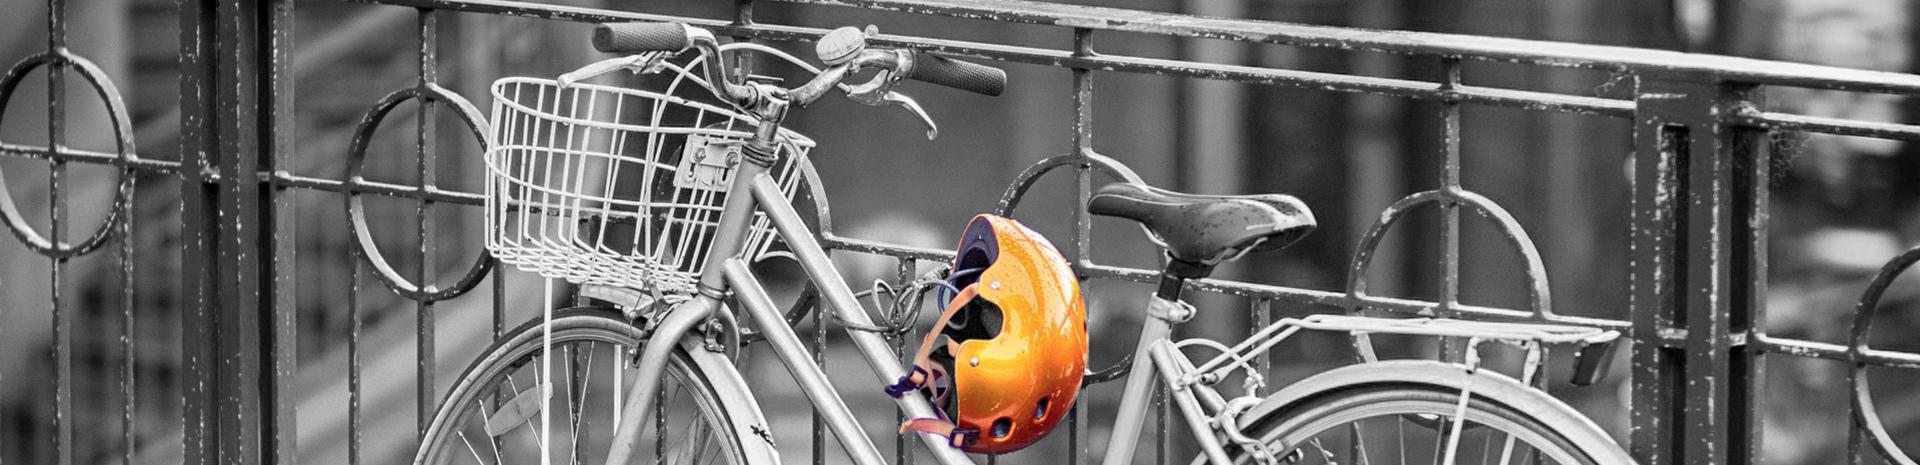 Een helm verlaagt het aantal verkeersongevallen met letsel | LetselPro